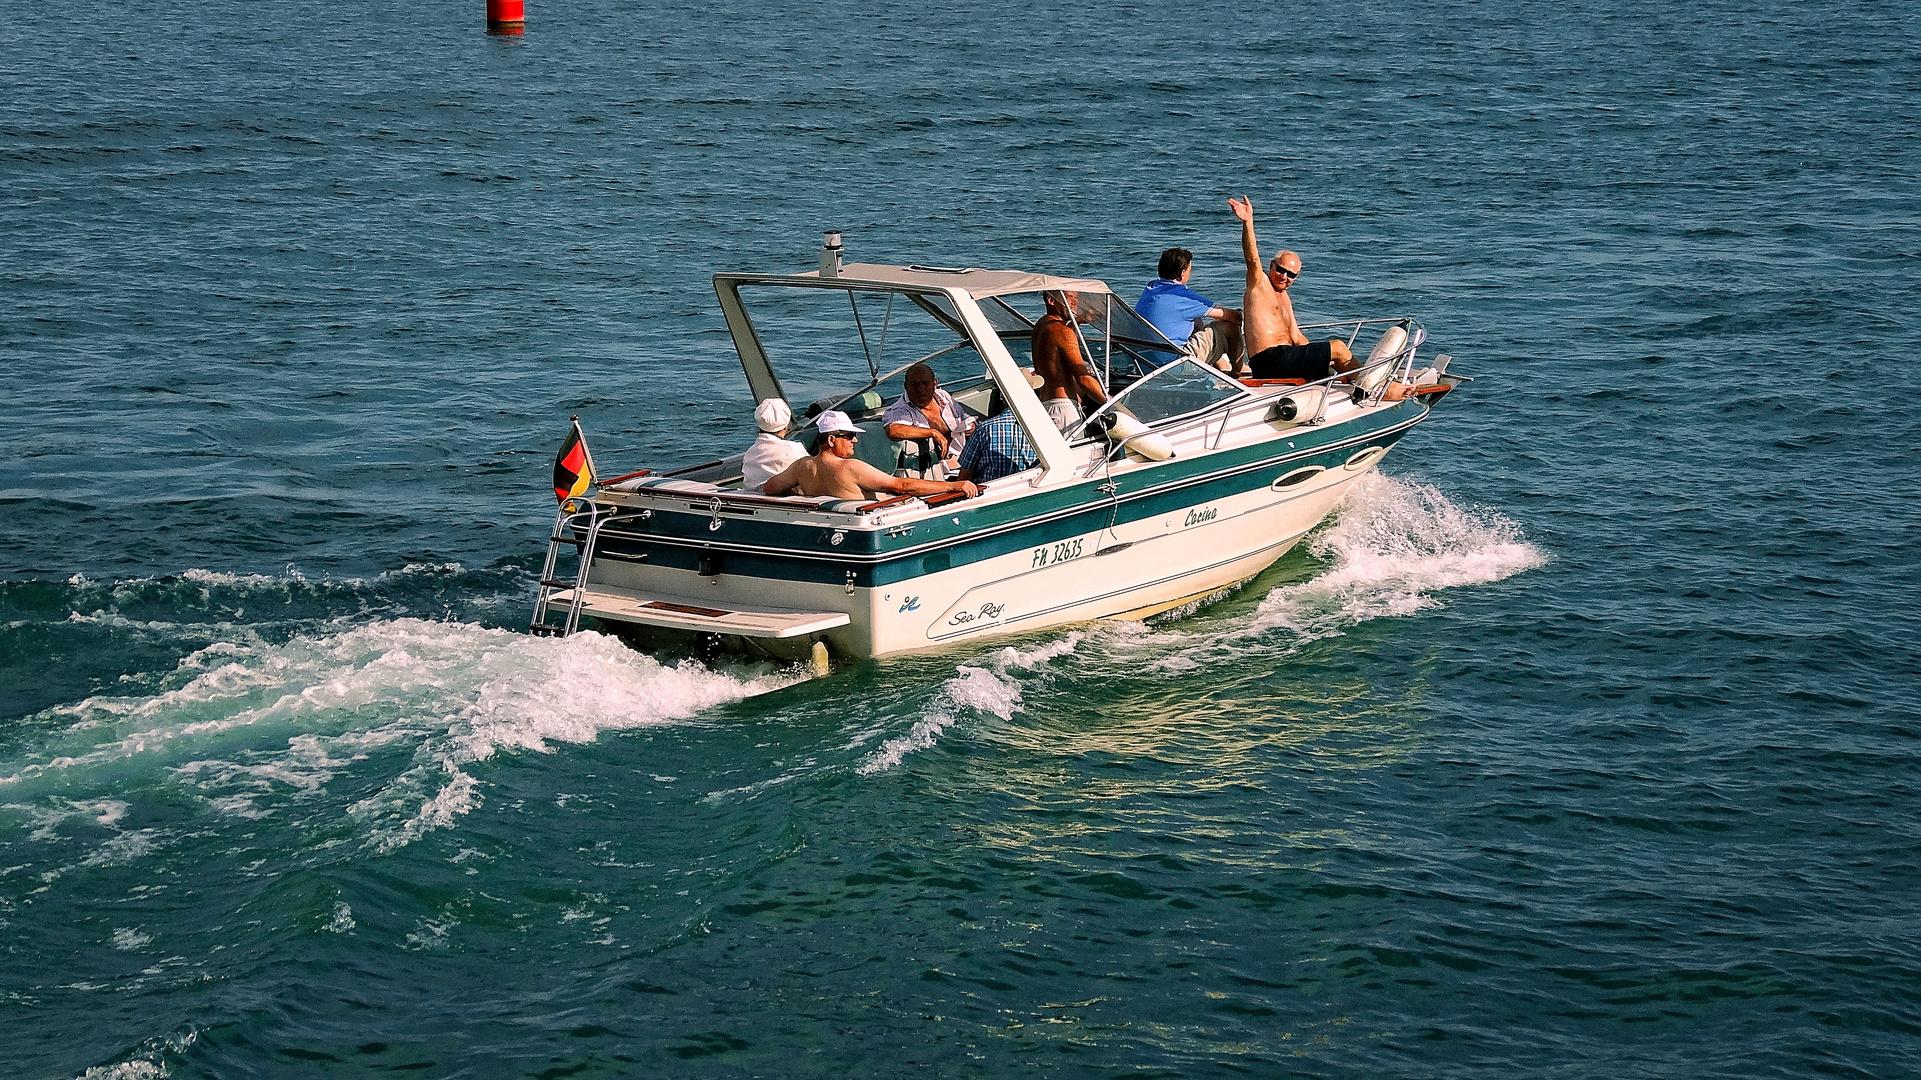 Verfickte Bootstour auf dem Bodenseee